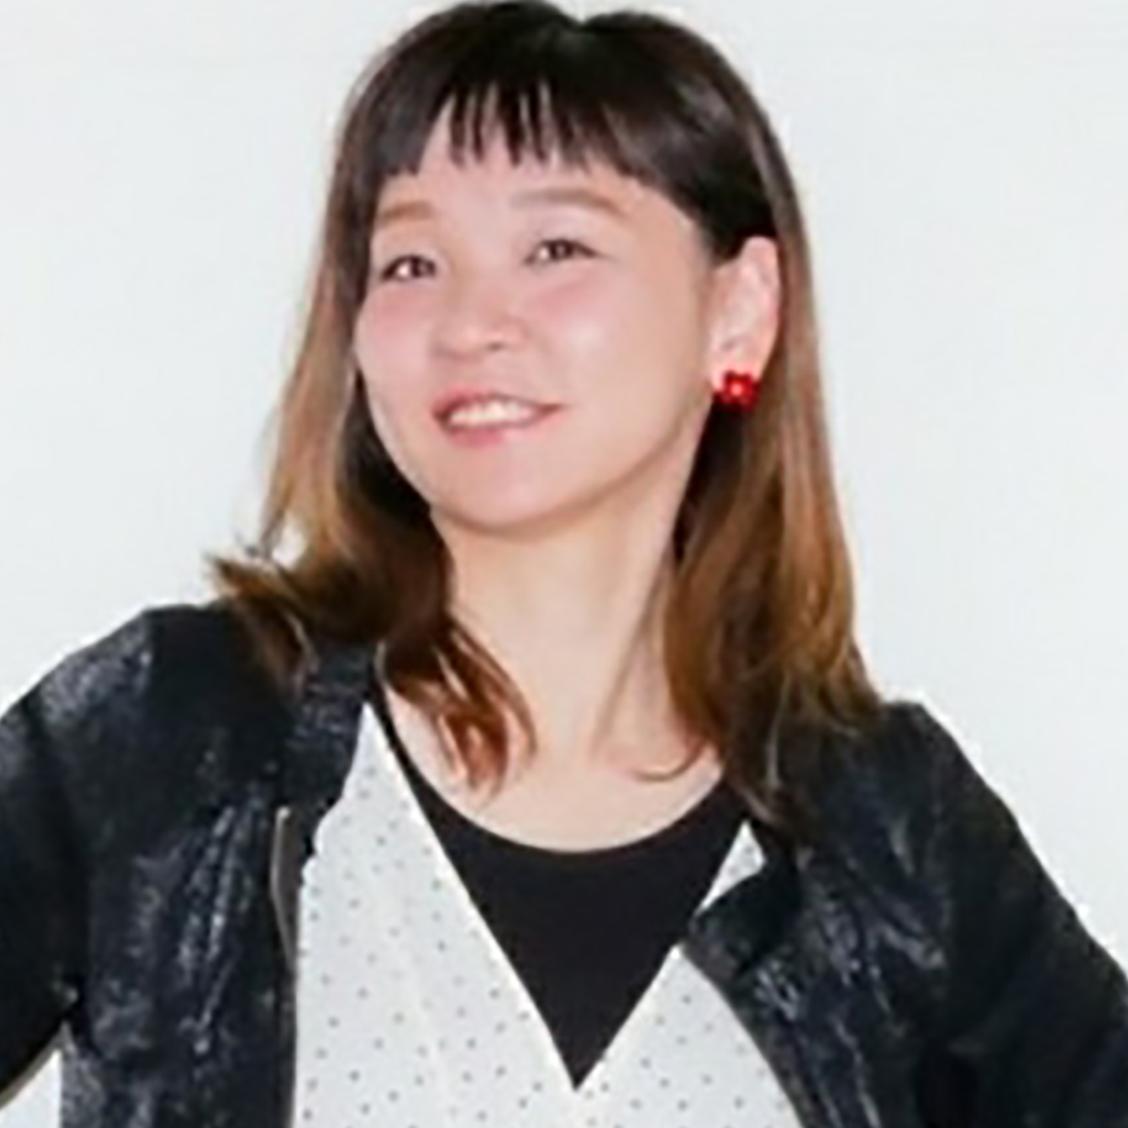 岡田 桃子(オカダ モモコ)